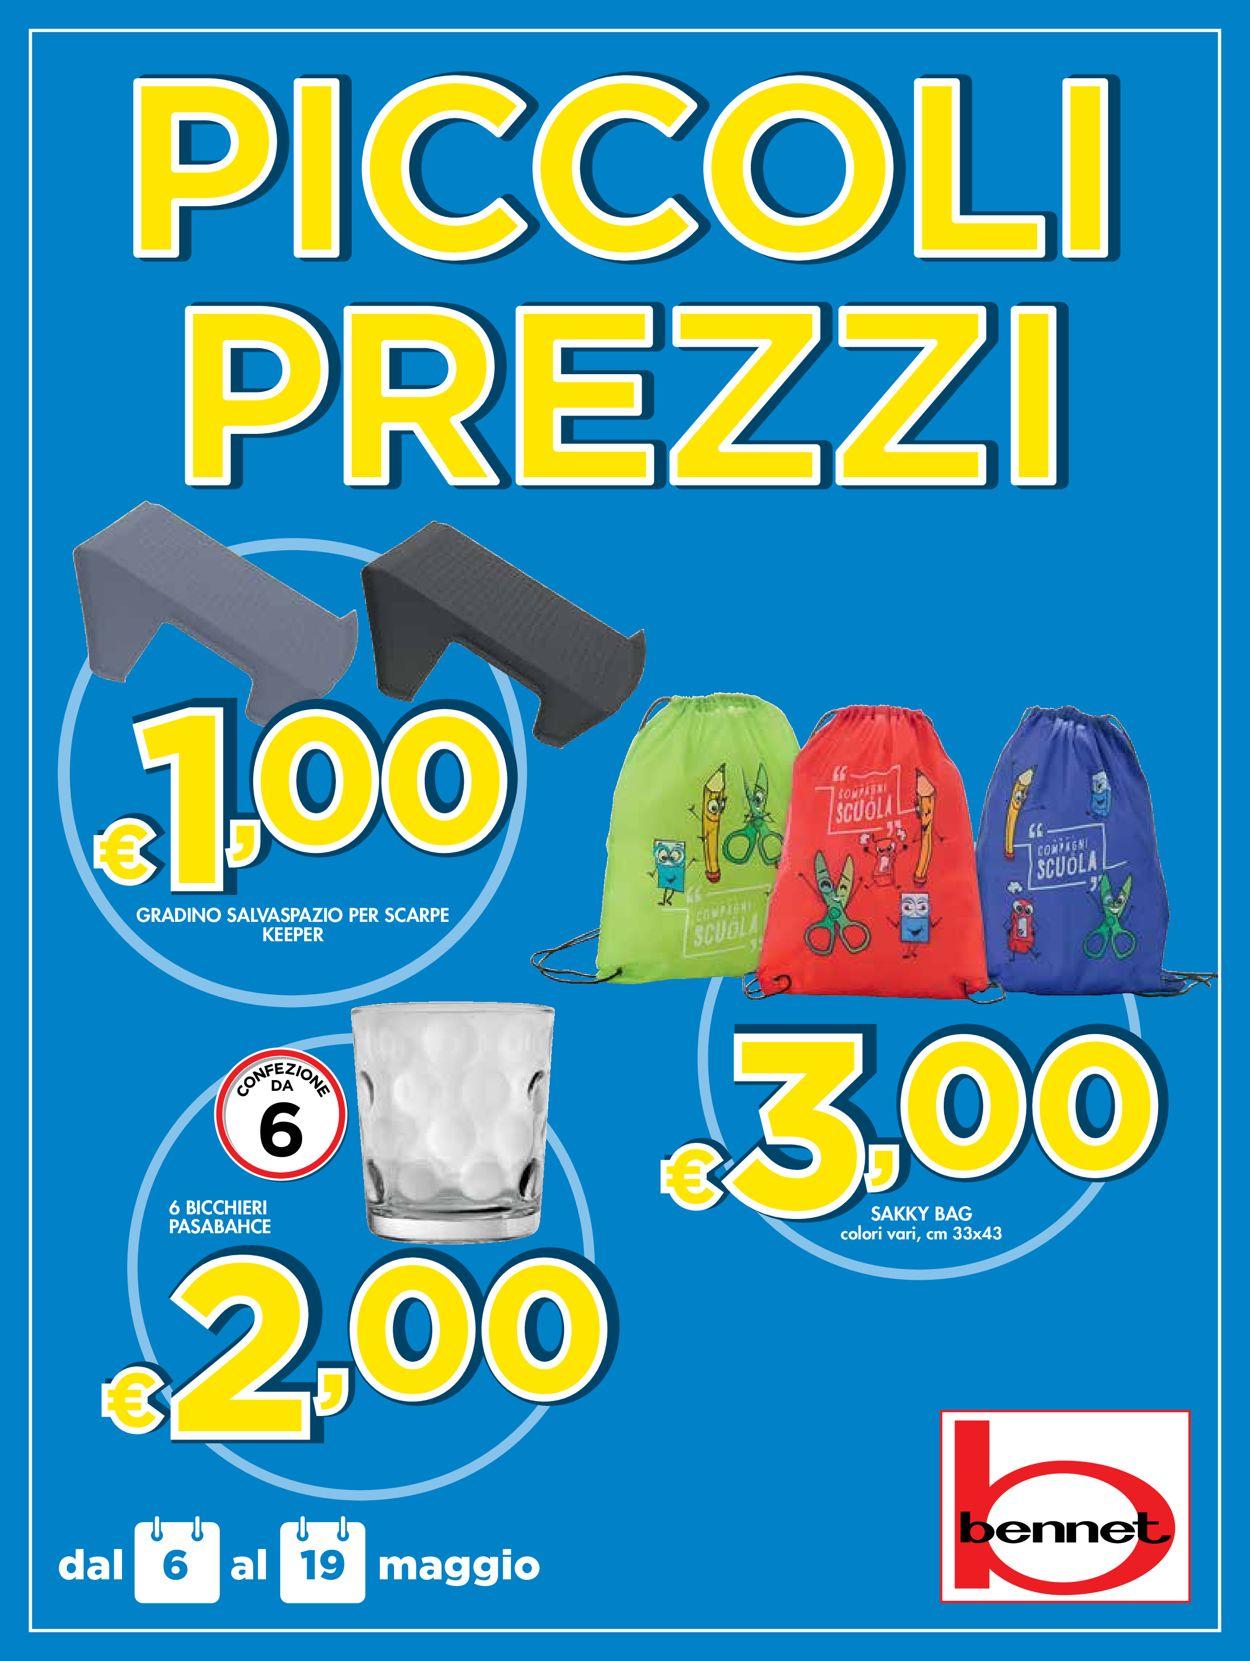 Volantino bennet - Offerte 06/05-19/05/2021